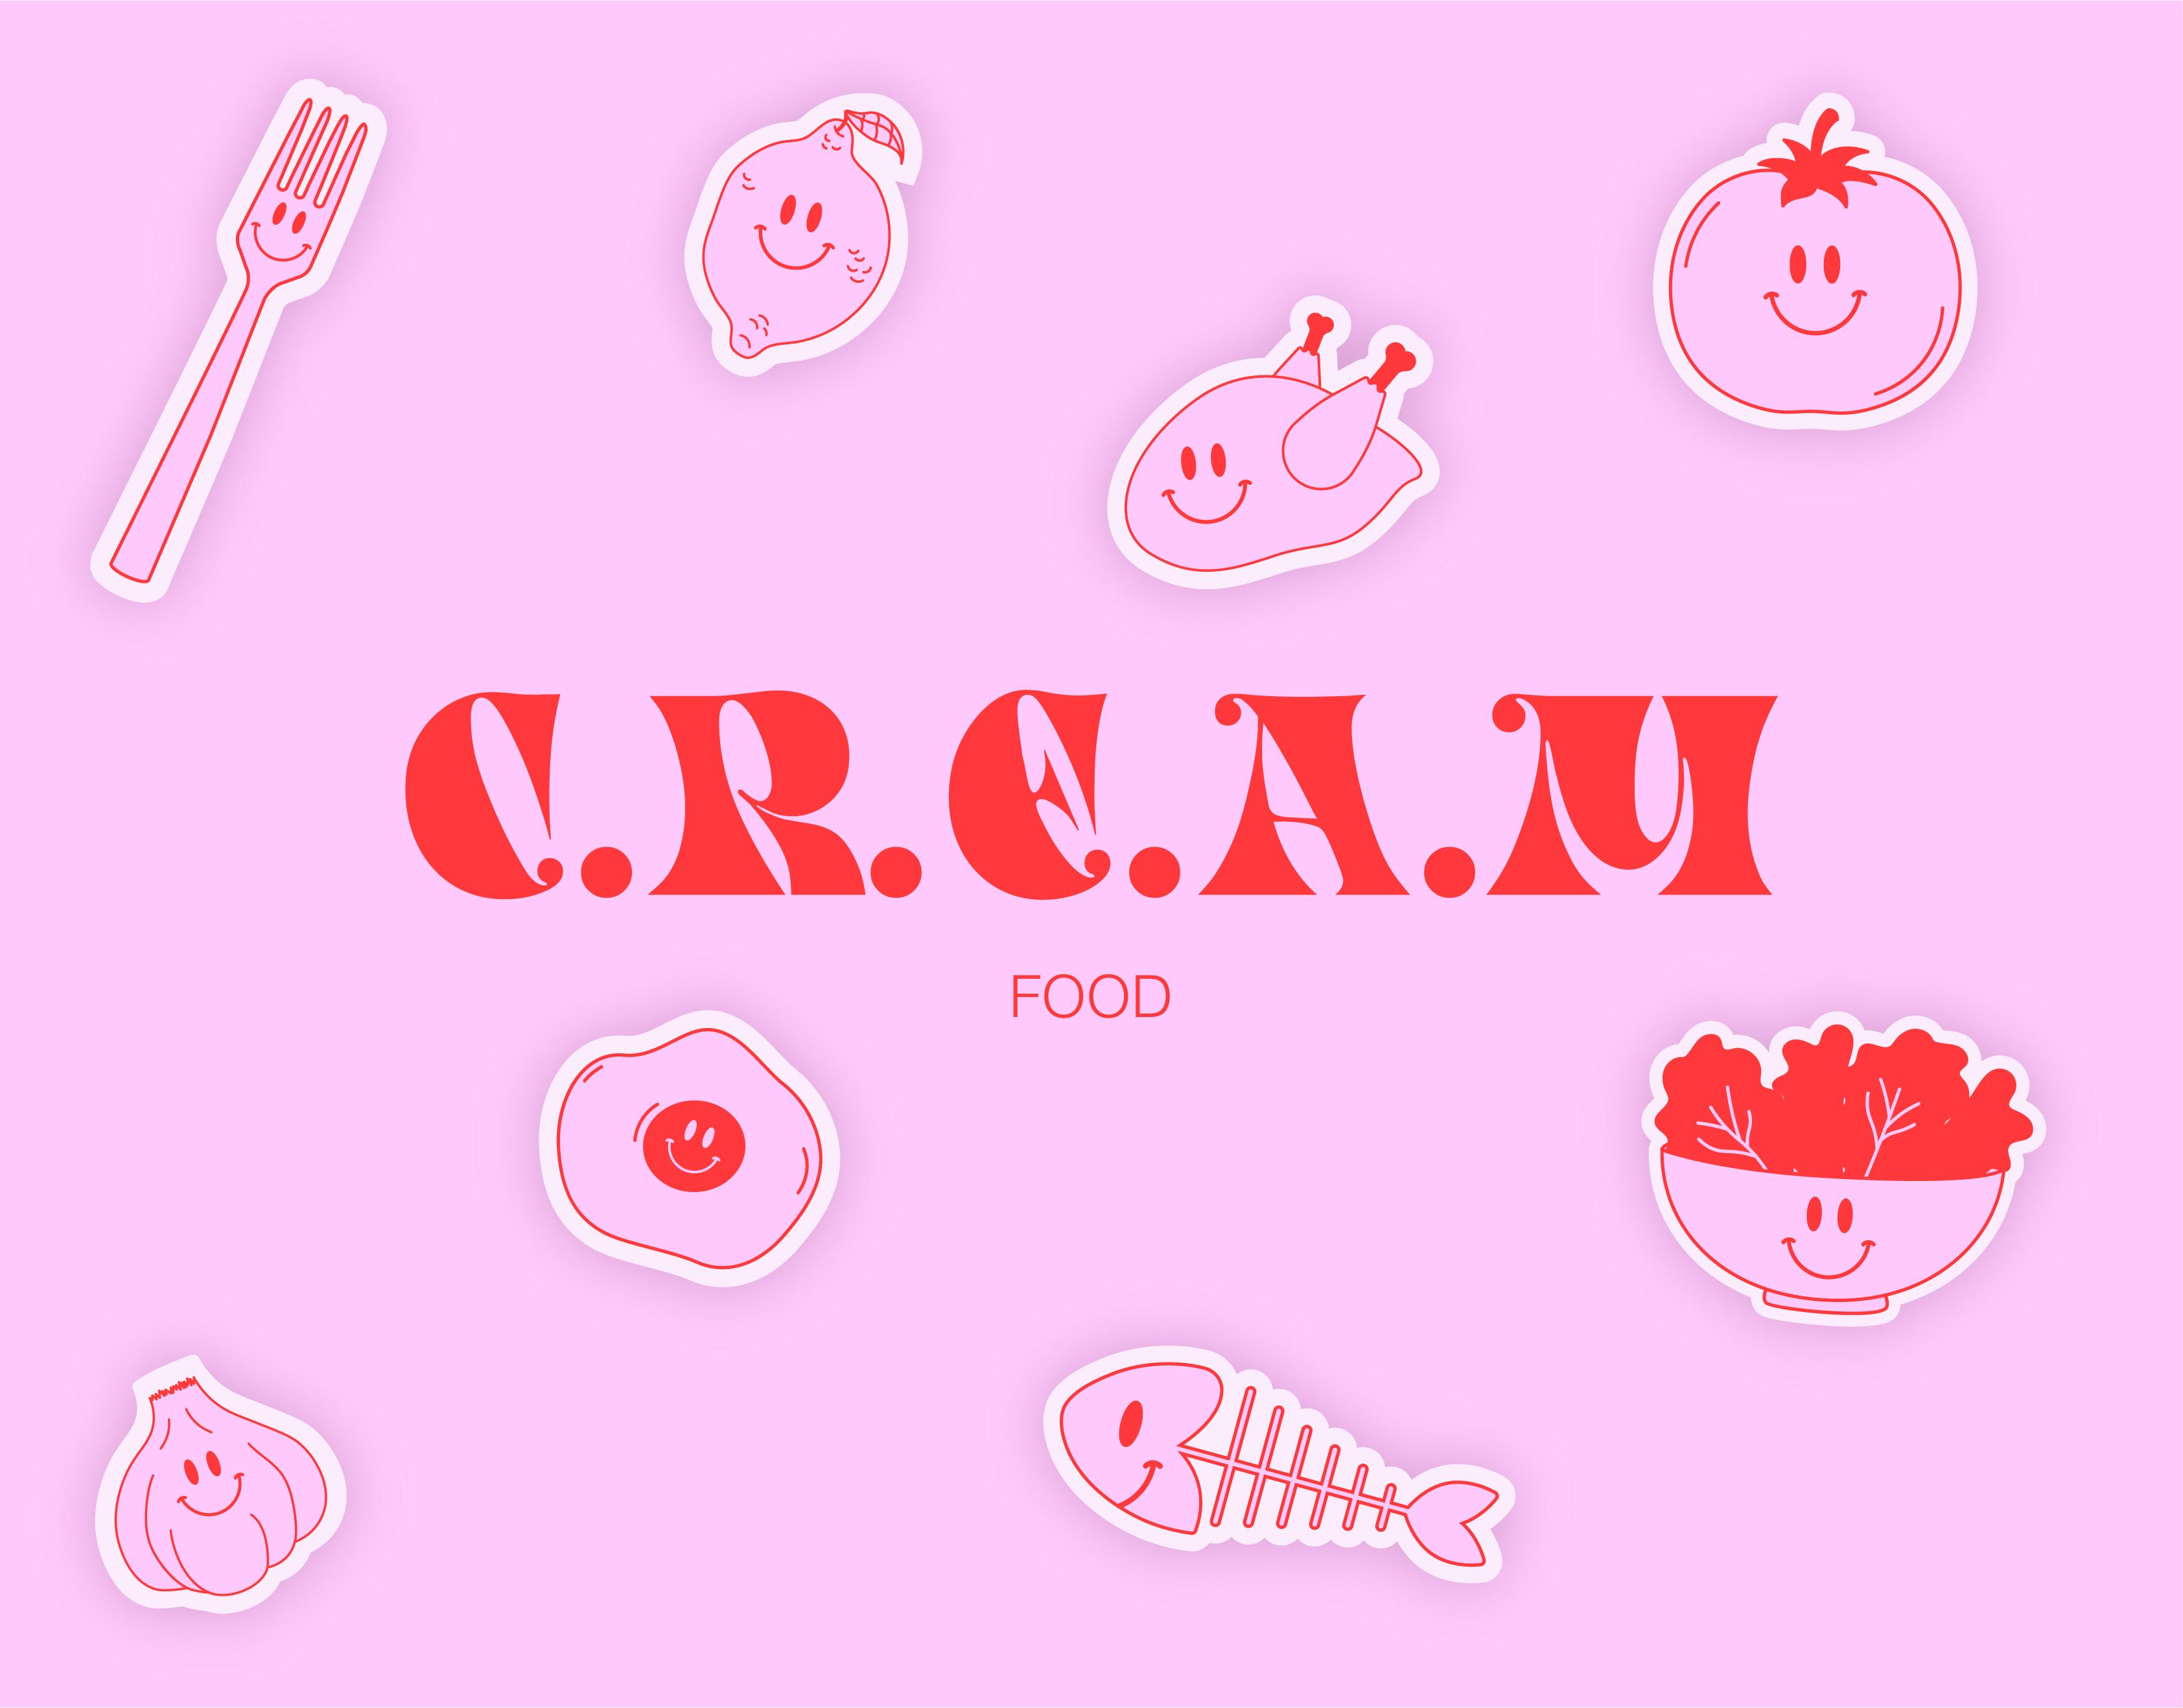 Logo et illustrations de l'identité visuelle C.R.E.A.M